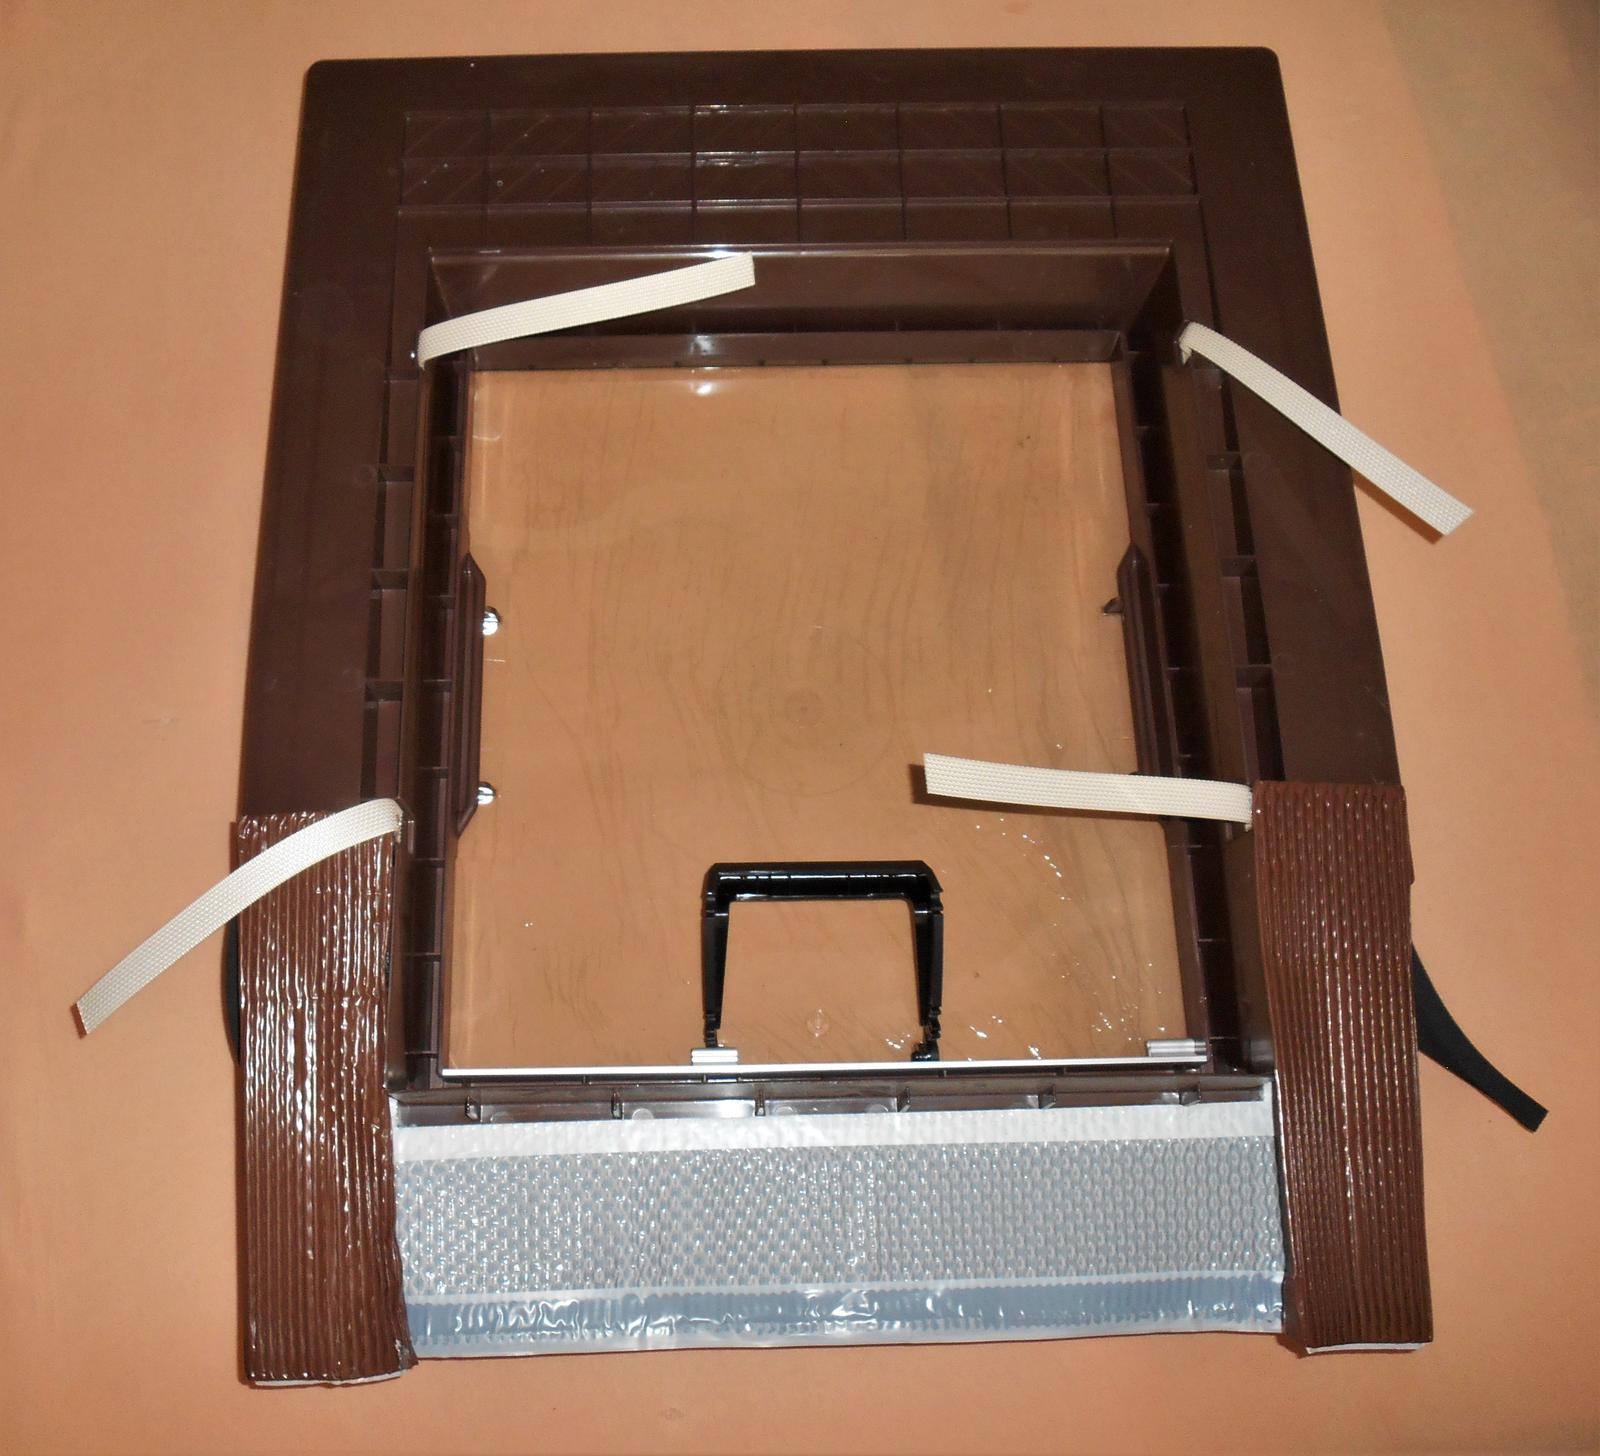 univerzálne strešné okno Luminex - Obrázok č. 1